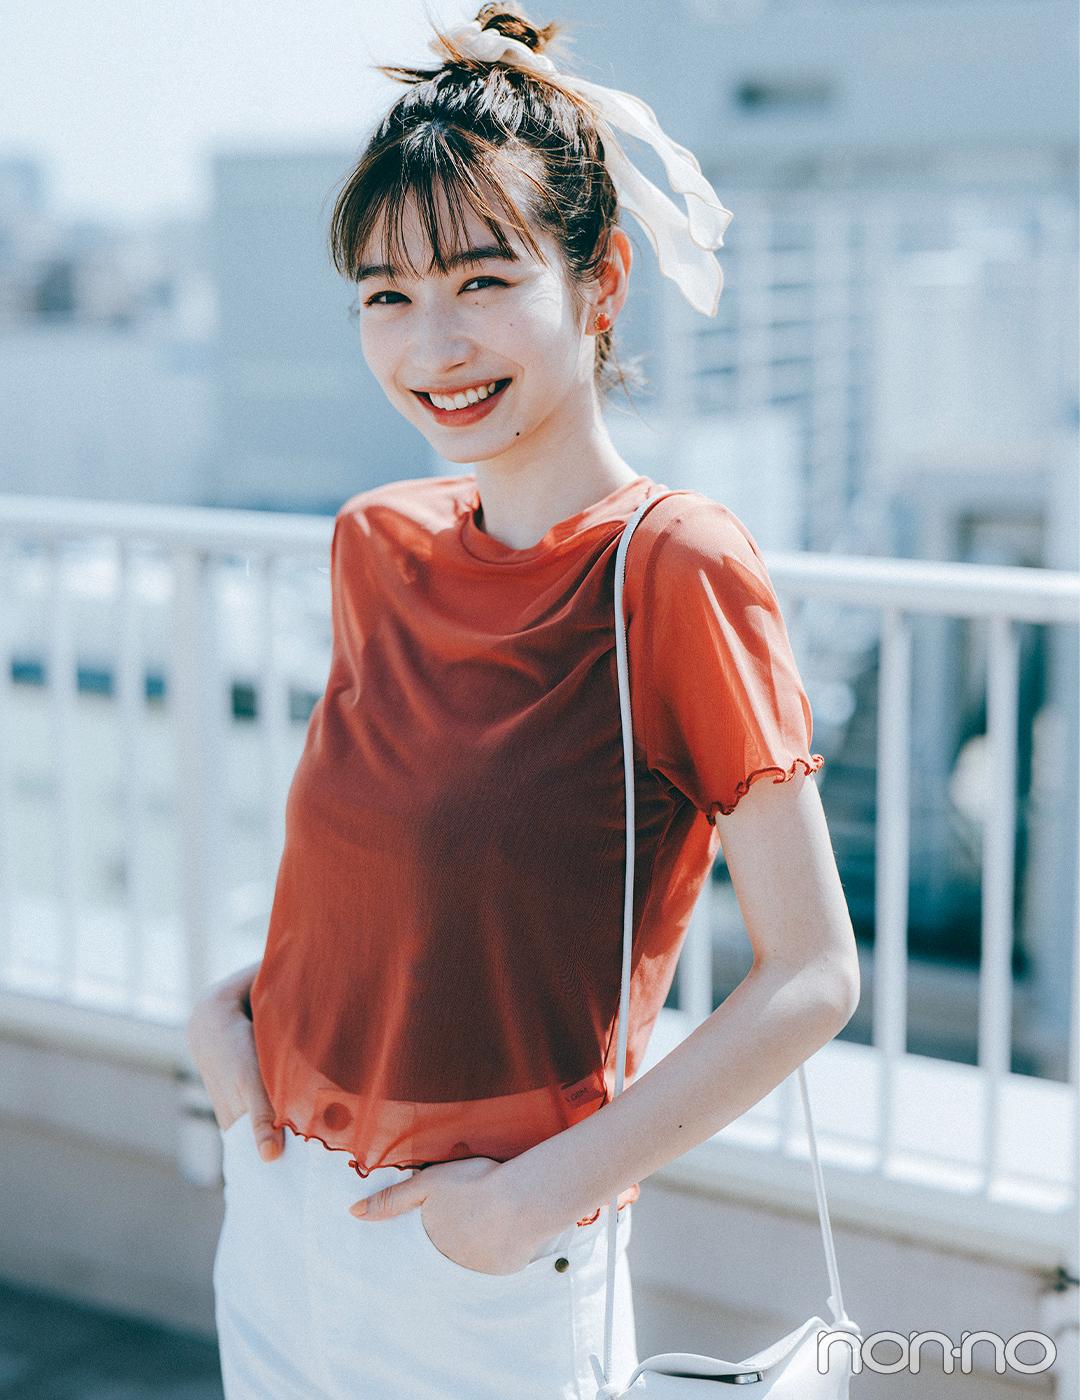 岡本夏美がお届けする大学生におすすめなコーディネート